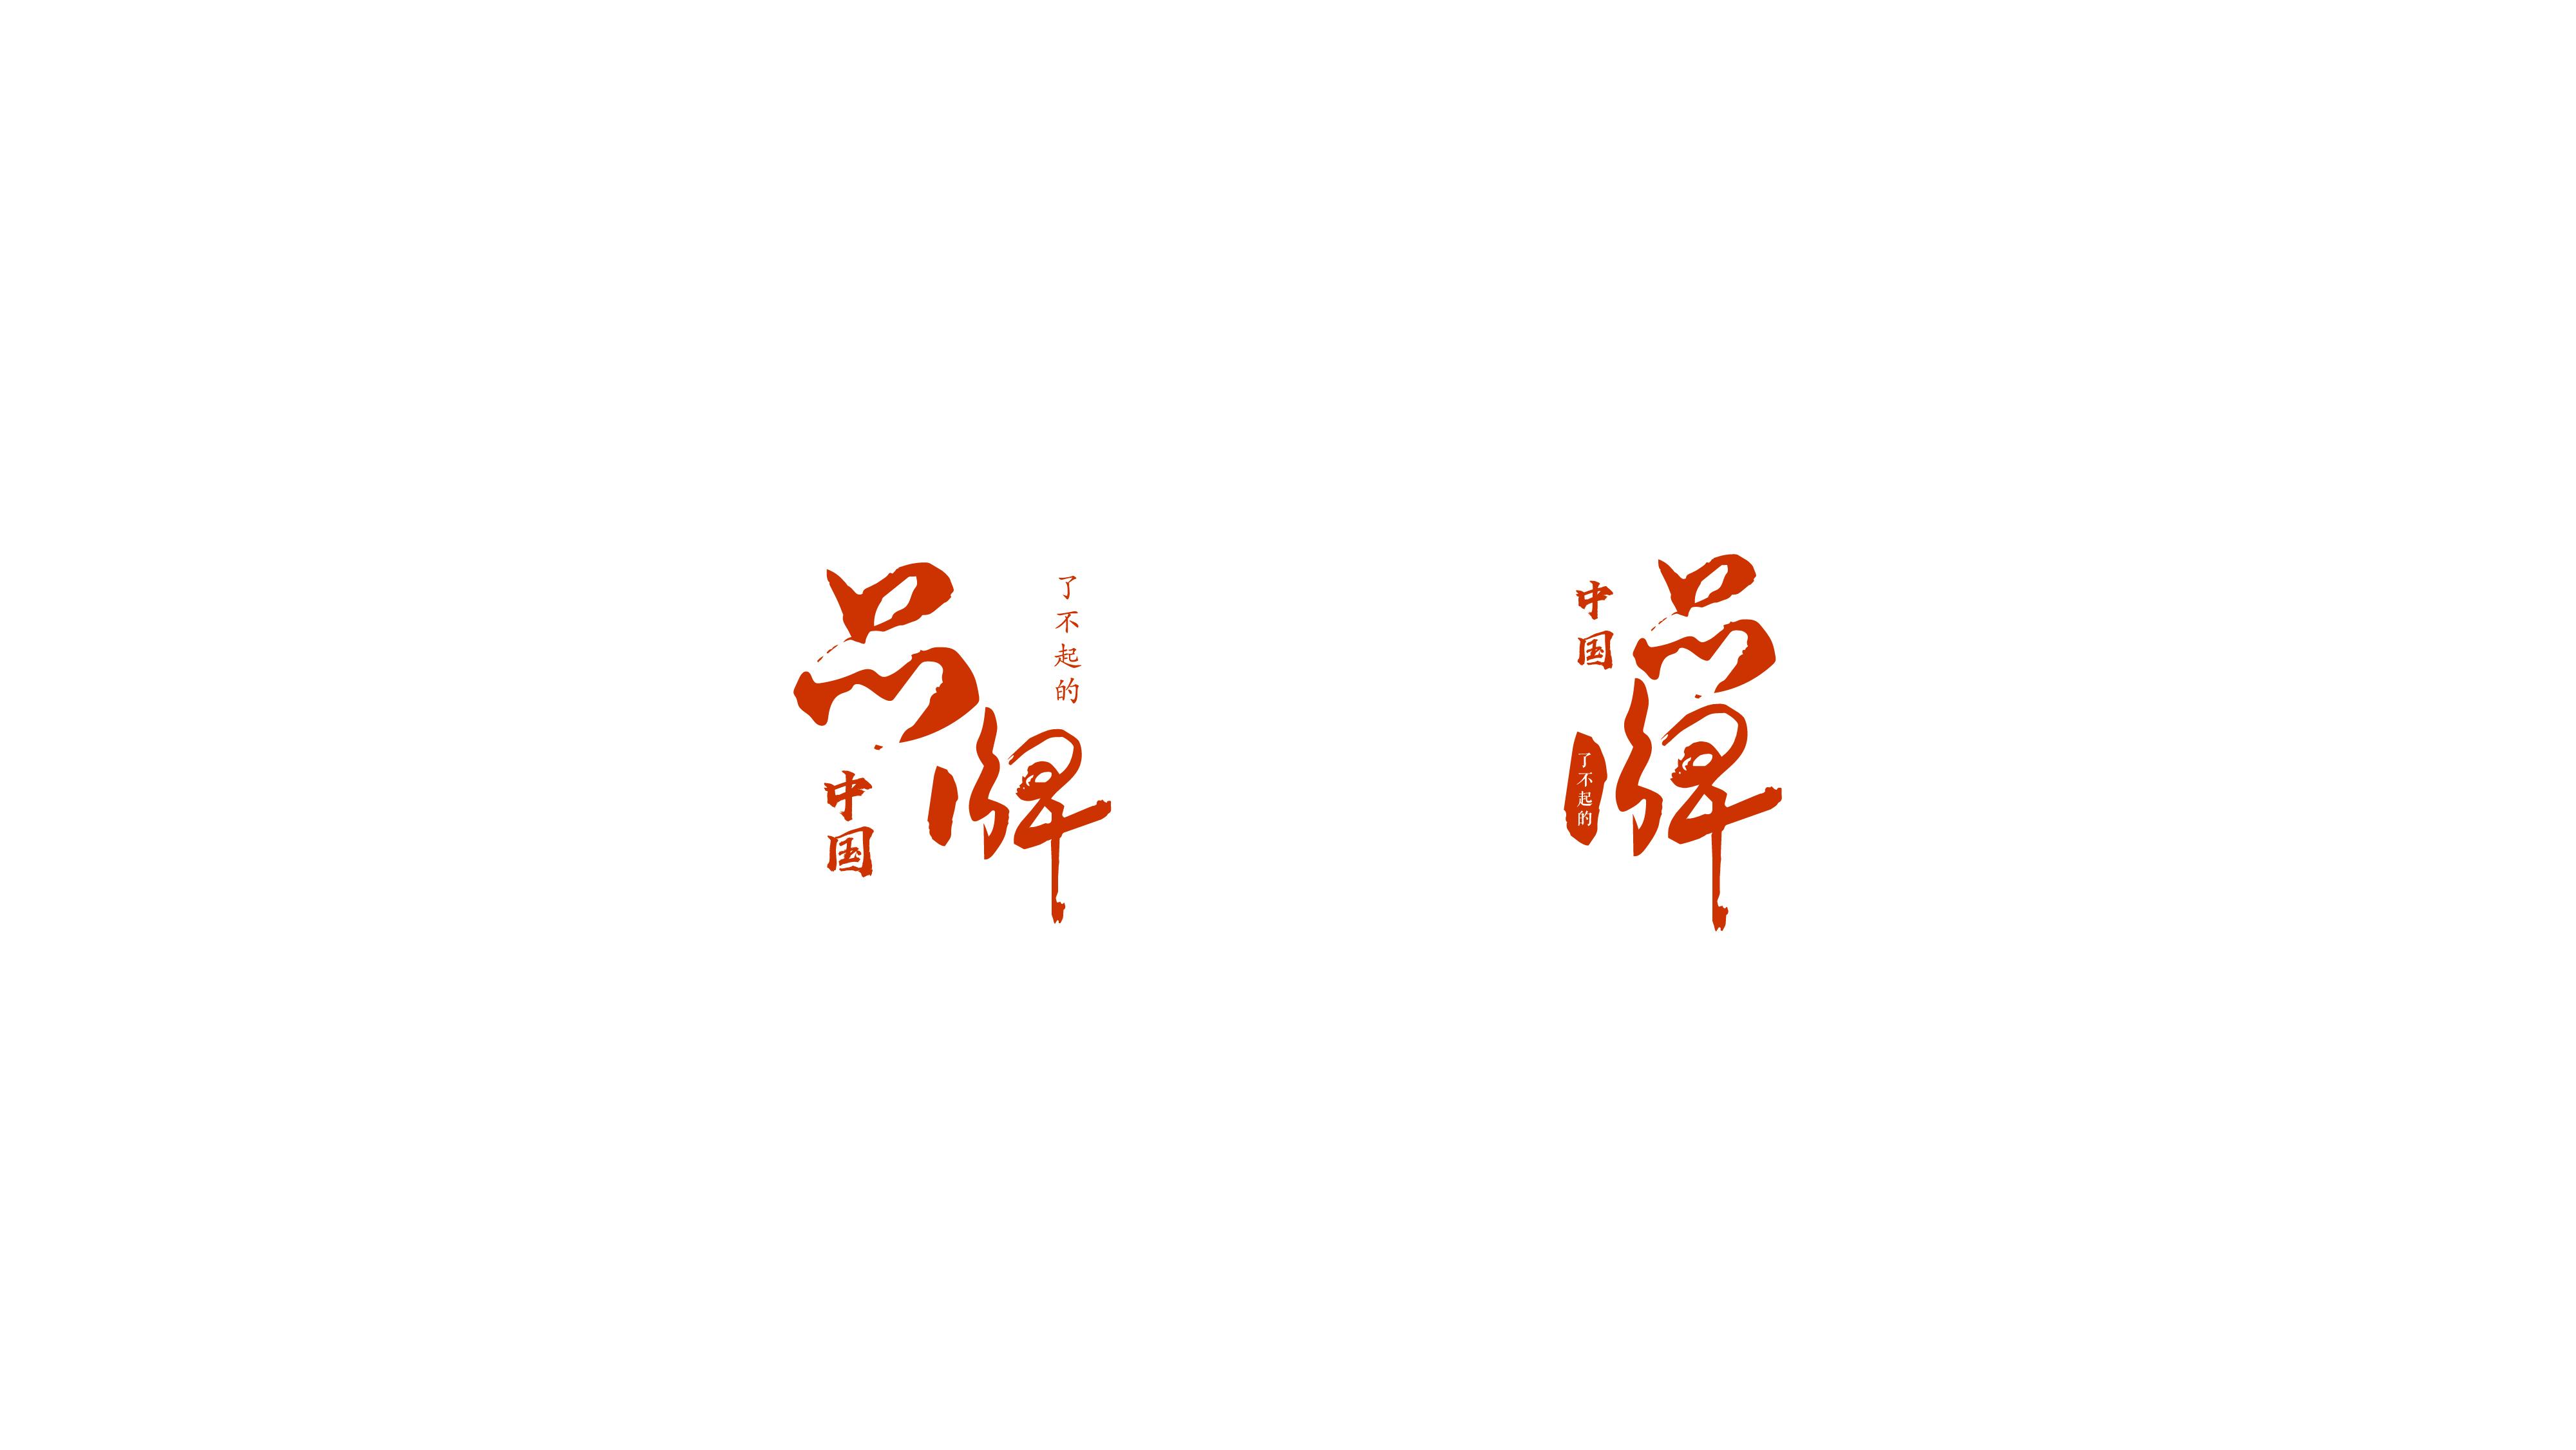 chinesebrand3